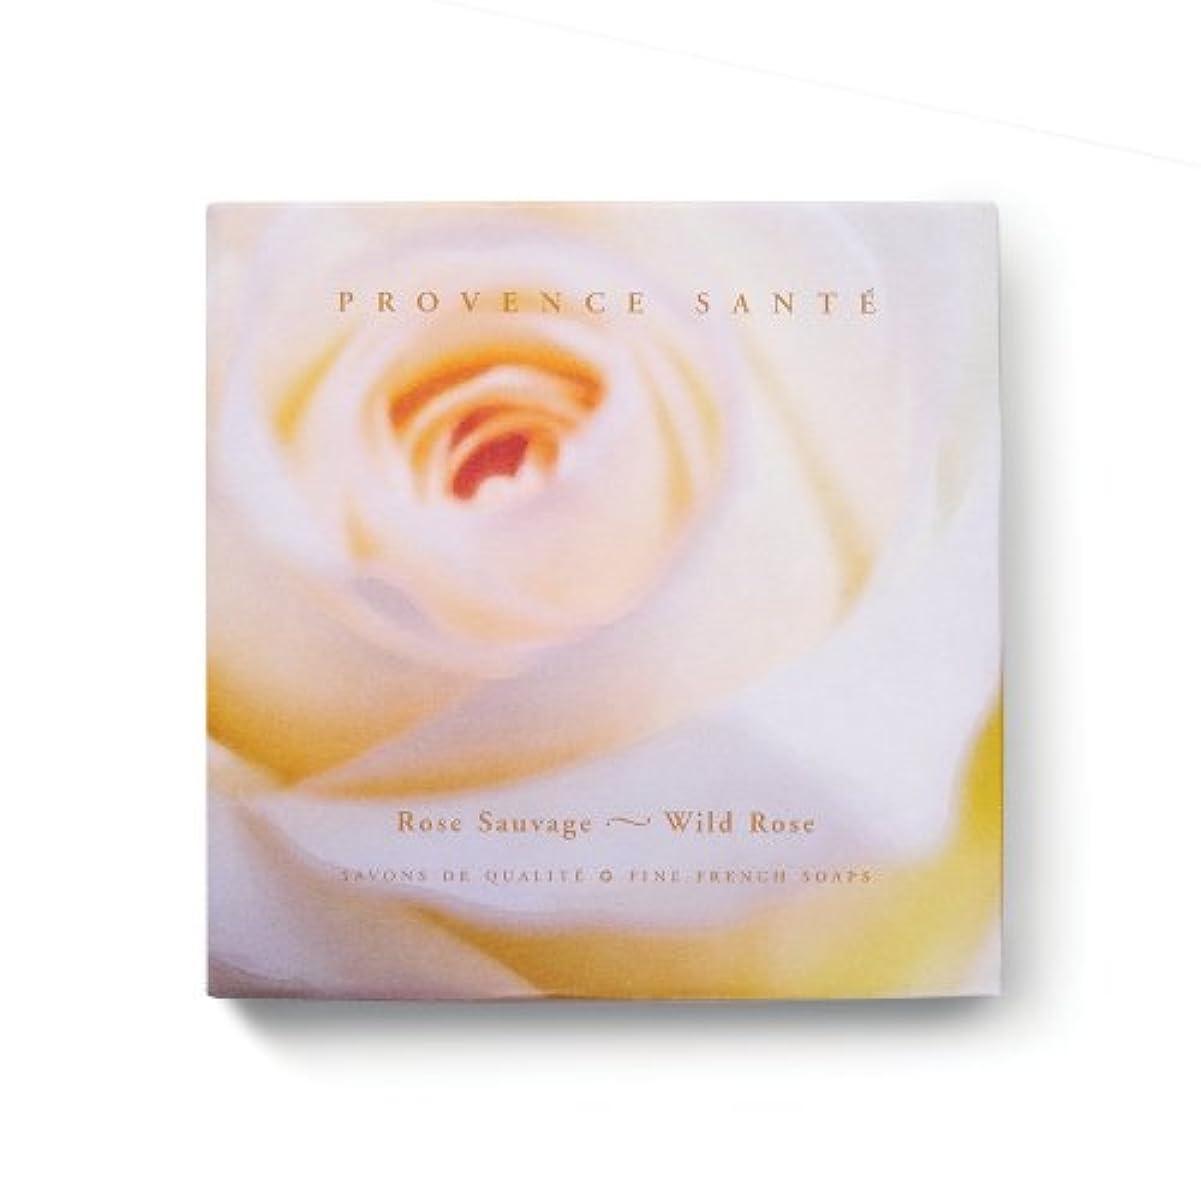 熱リングバック吸収剤Provence Sante PS Gift Soap Wild Rose, 2.7oz 4 Bar Gift Box by Provence Sante [並行輸入品]